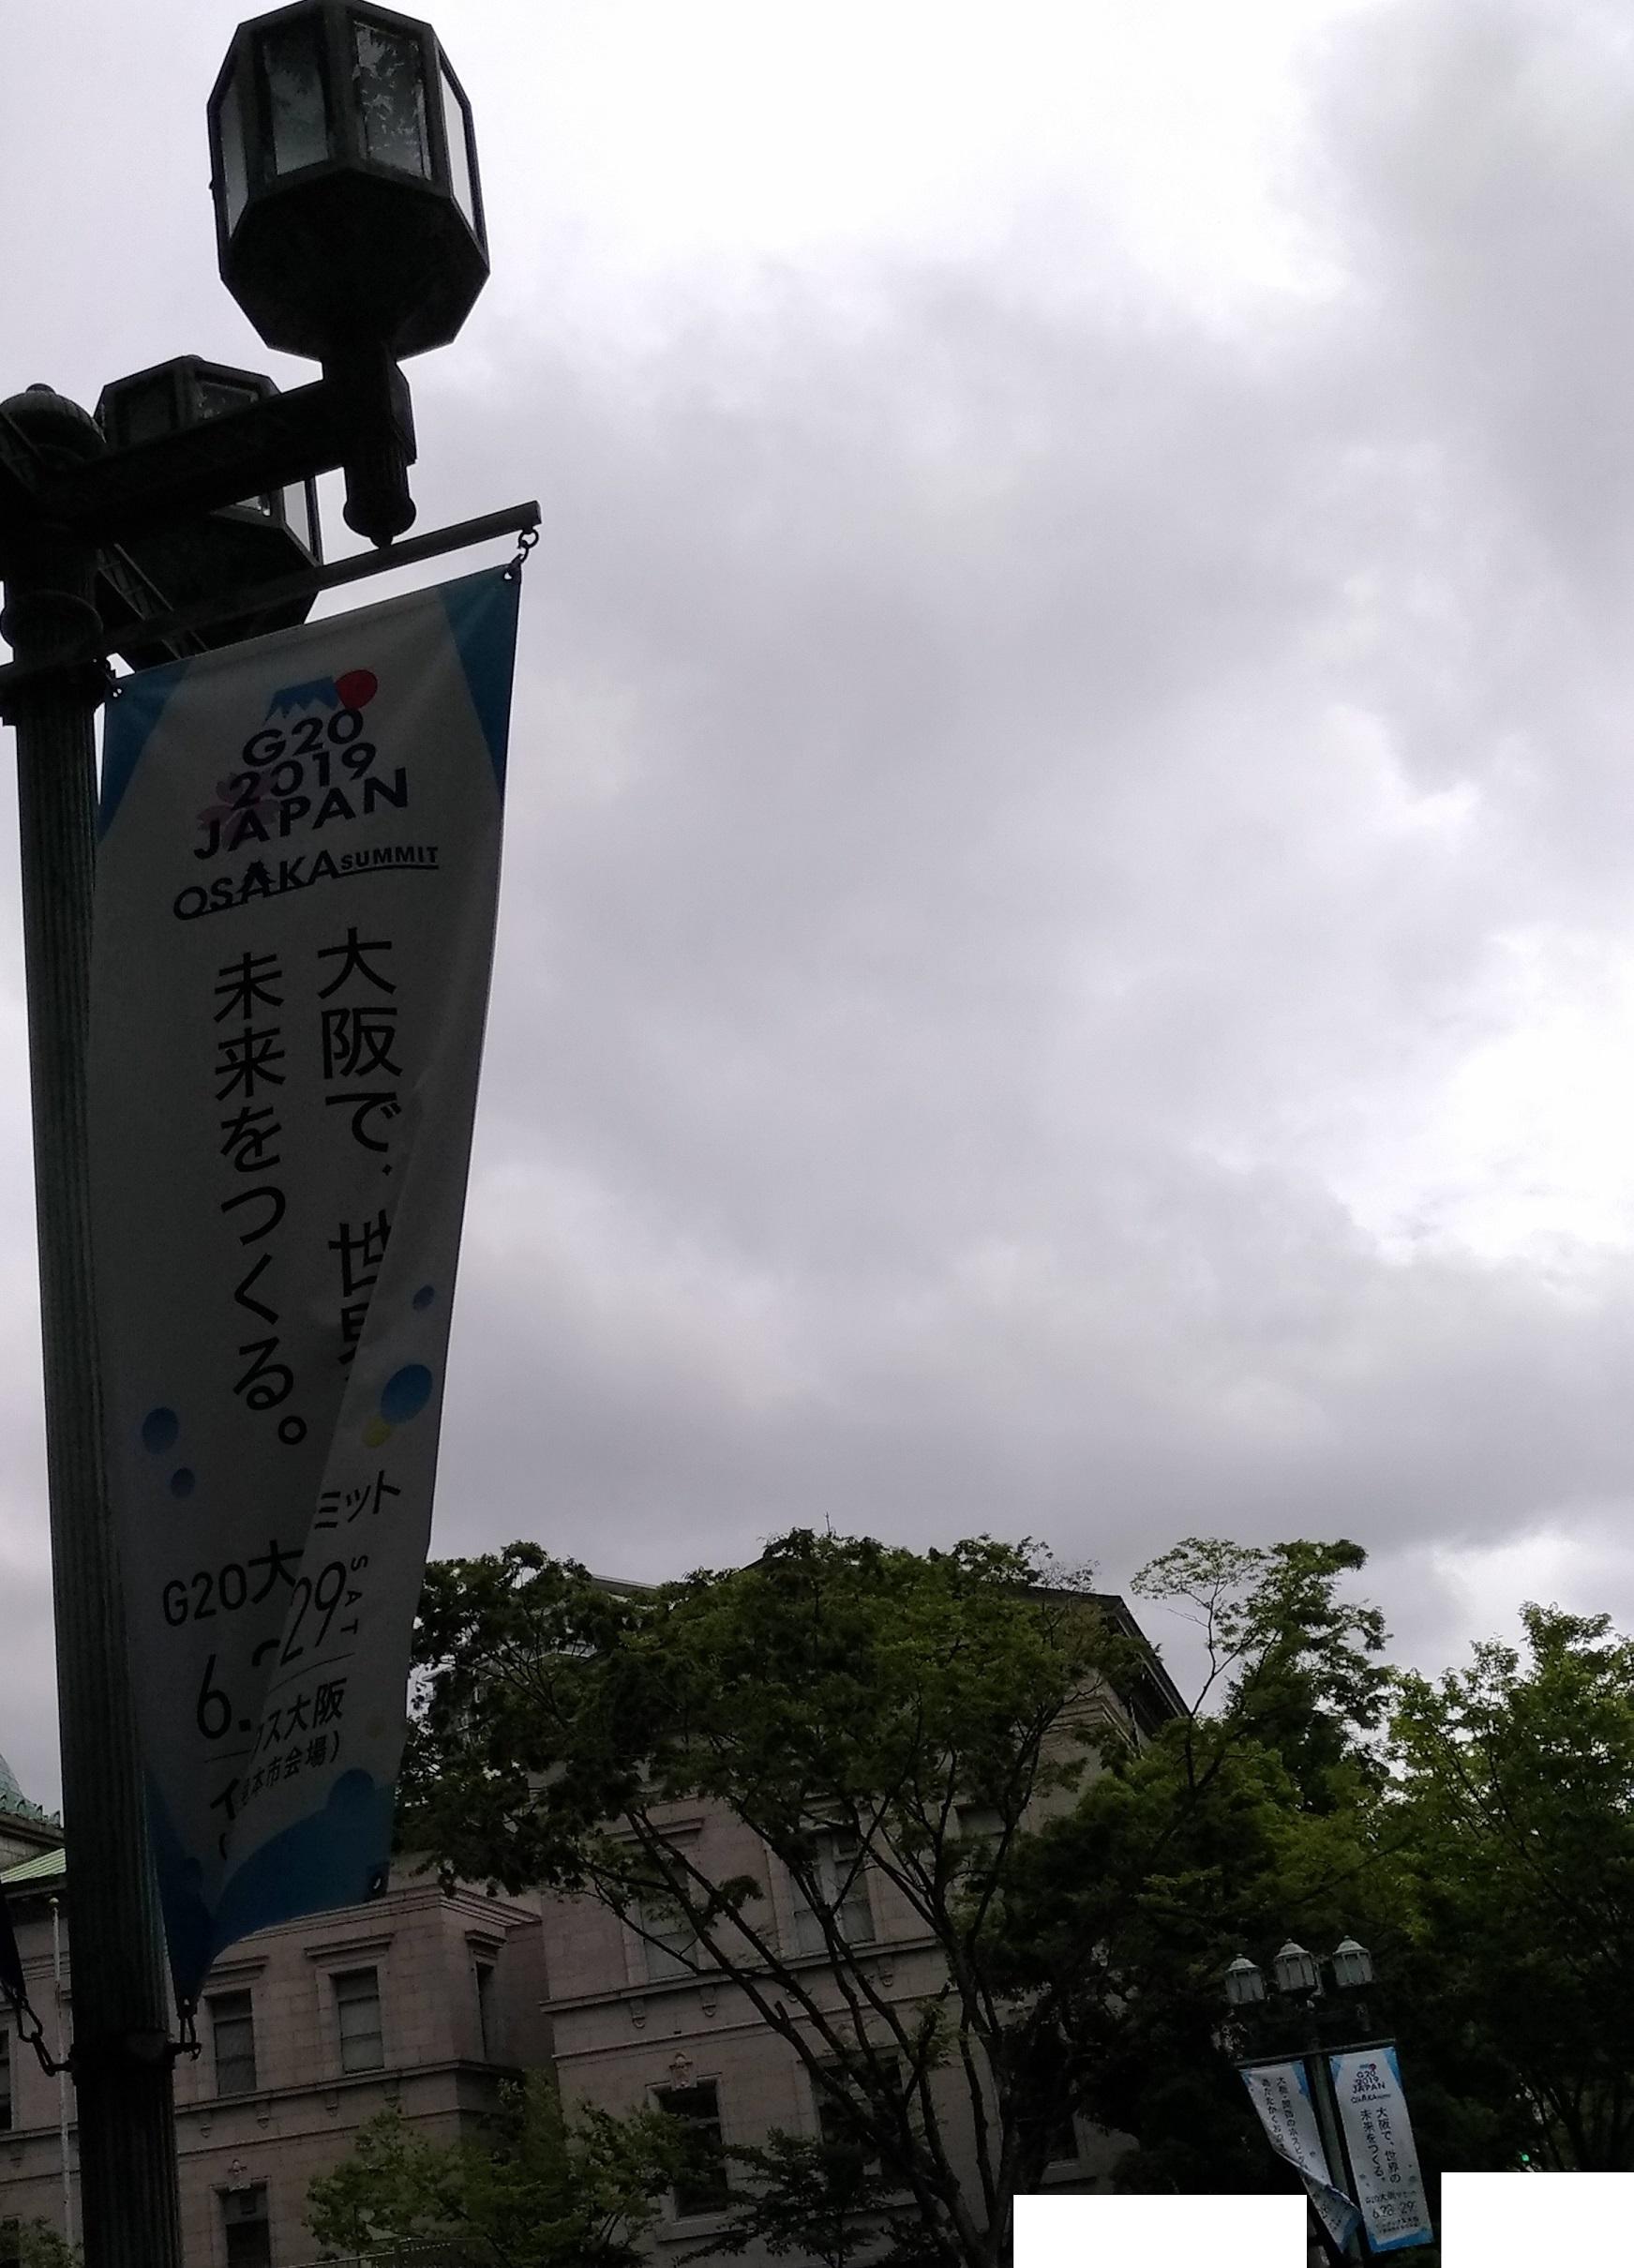 osaka_city_G20samit_2.jpg